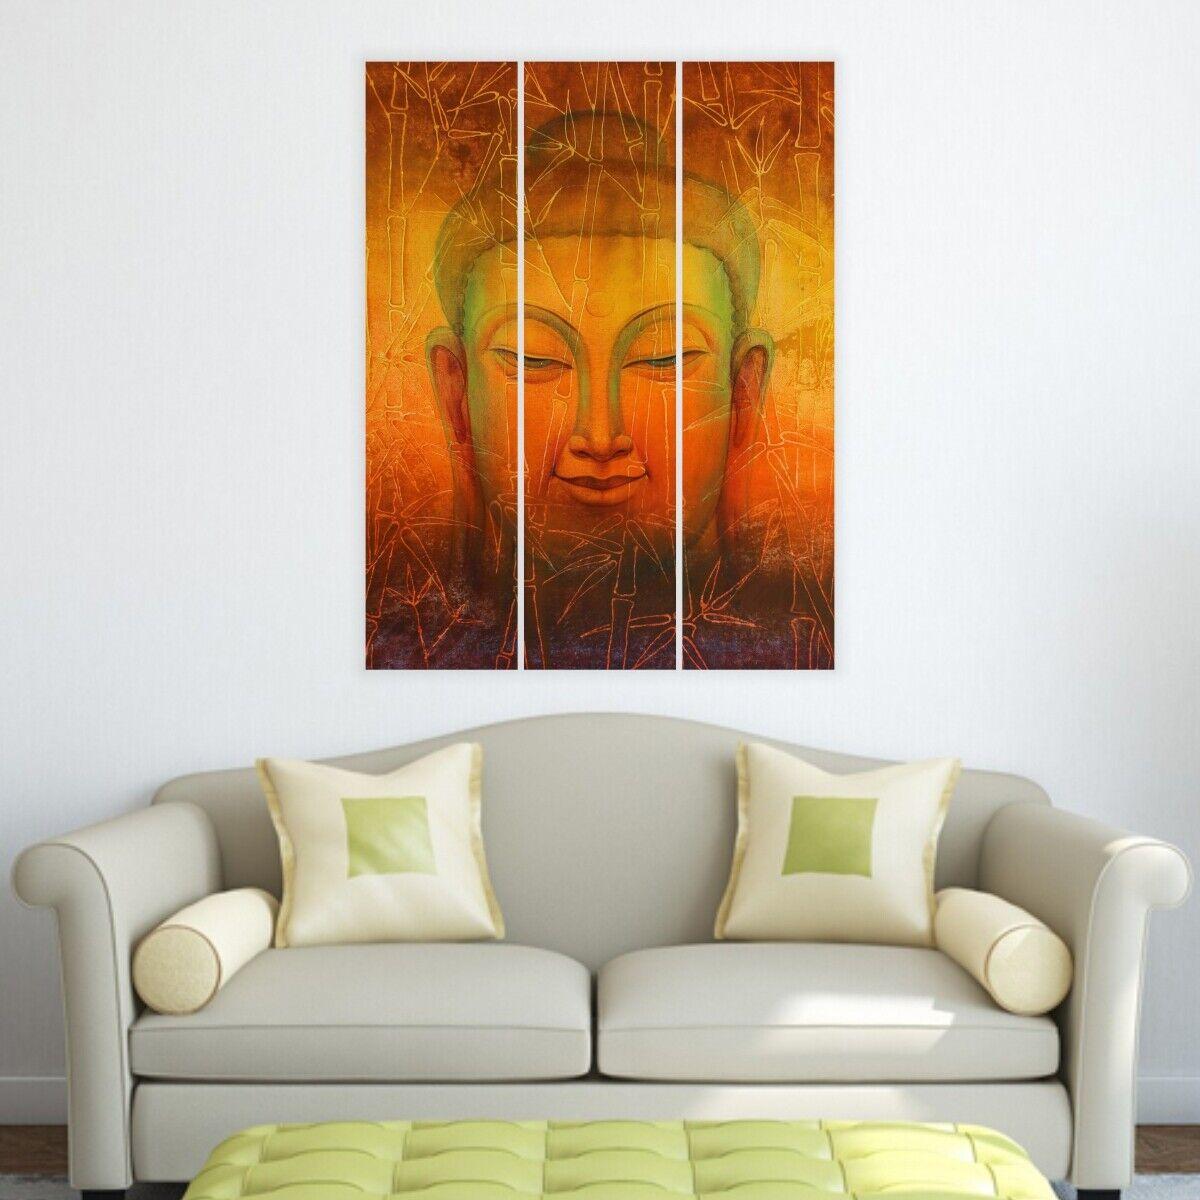 Bouddha-Split Image 3 panneaux pour salon murs  132 - hktpic-UK